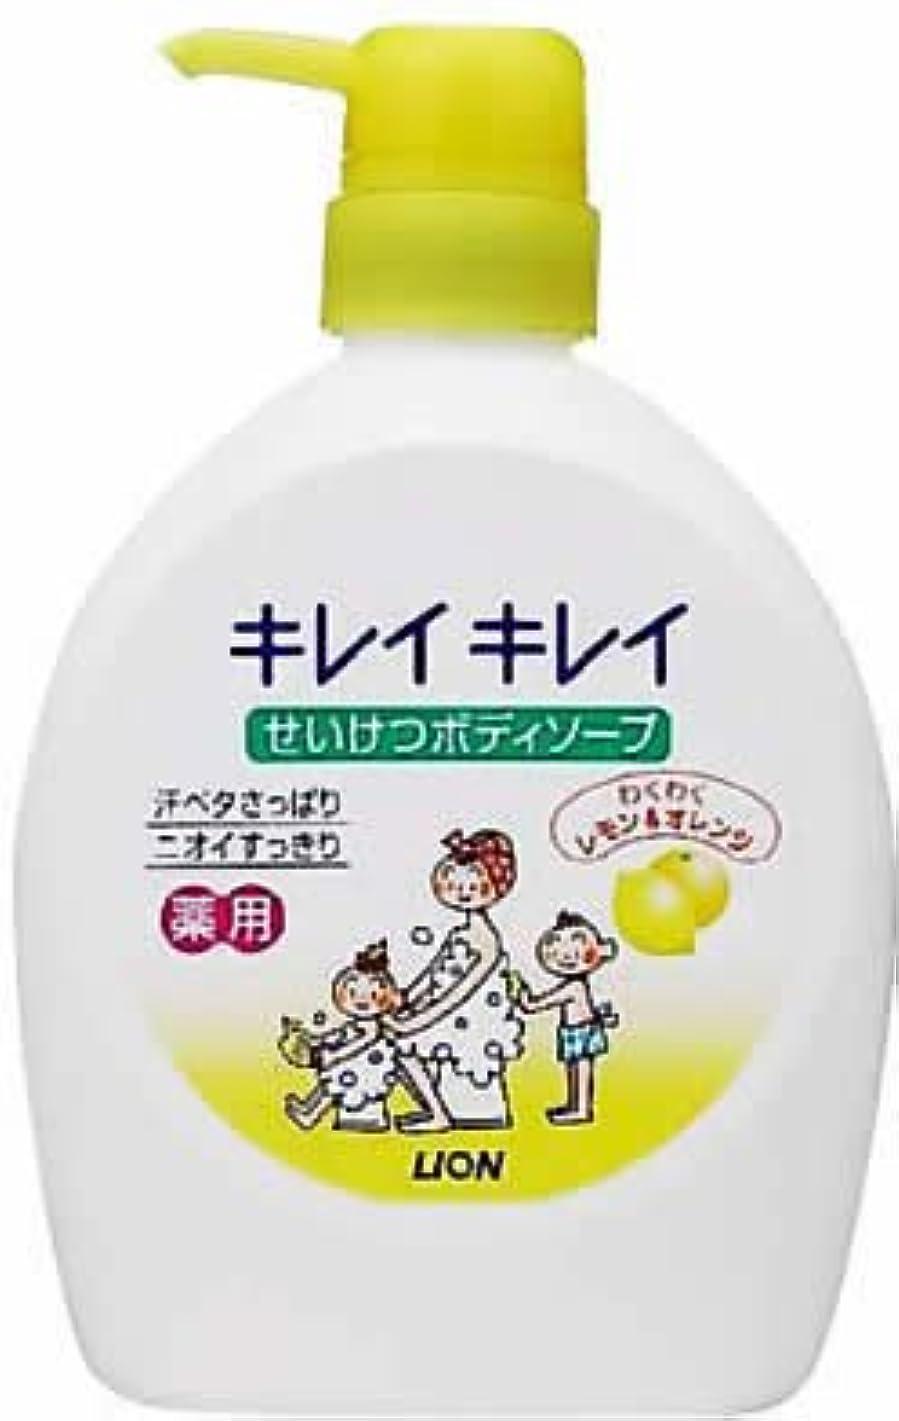 ボウリングヒットストローキレイキレイ せいけつボディソープ わくわくレモン&オレンジの香り 本体ポンプ 580ml